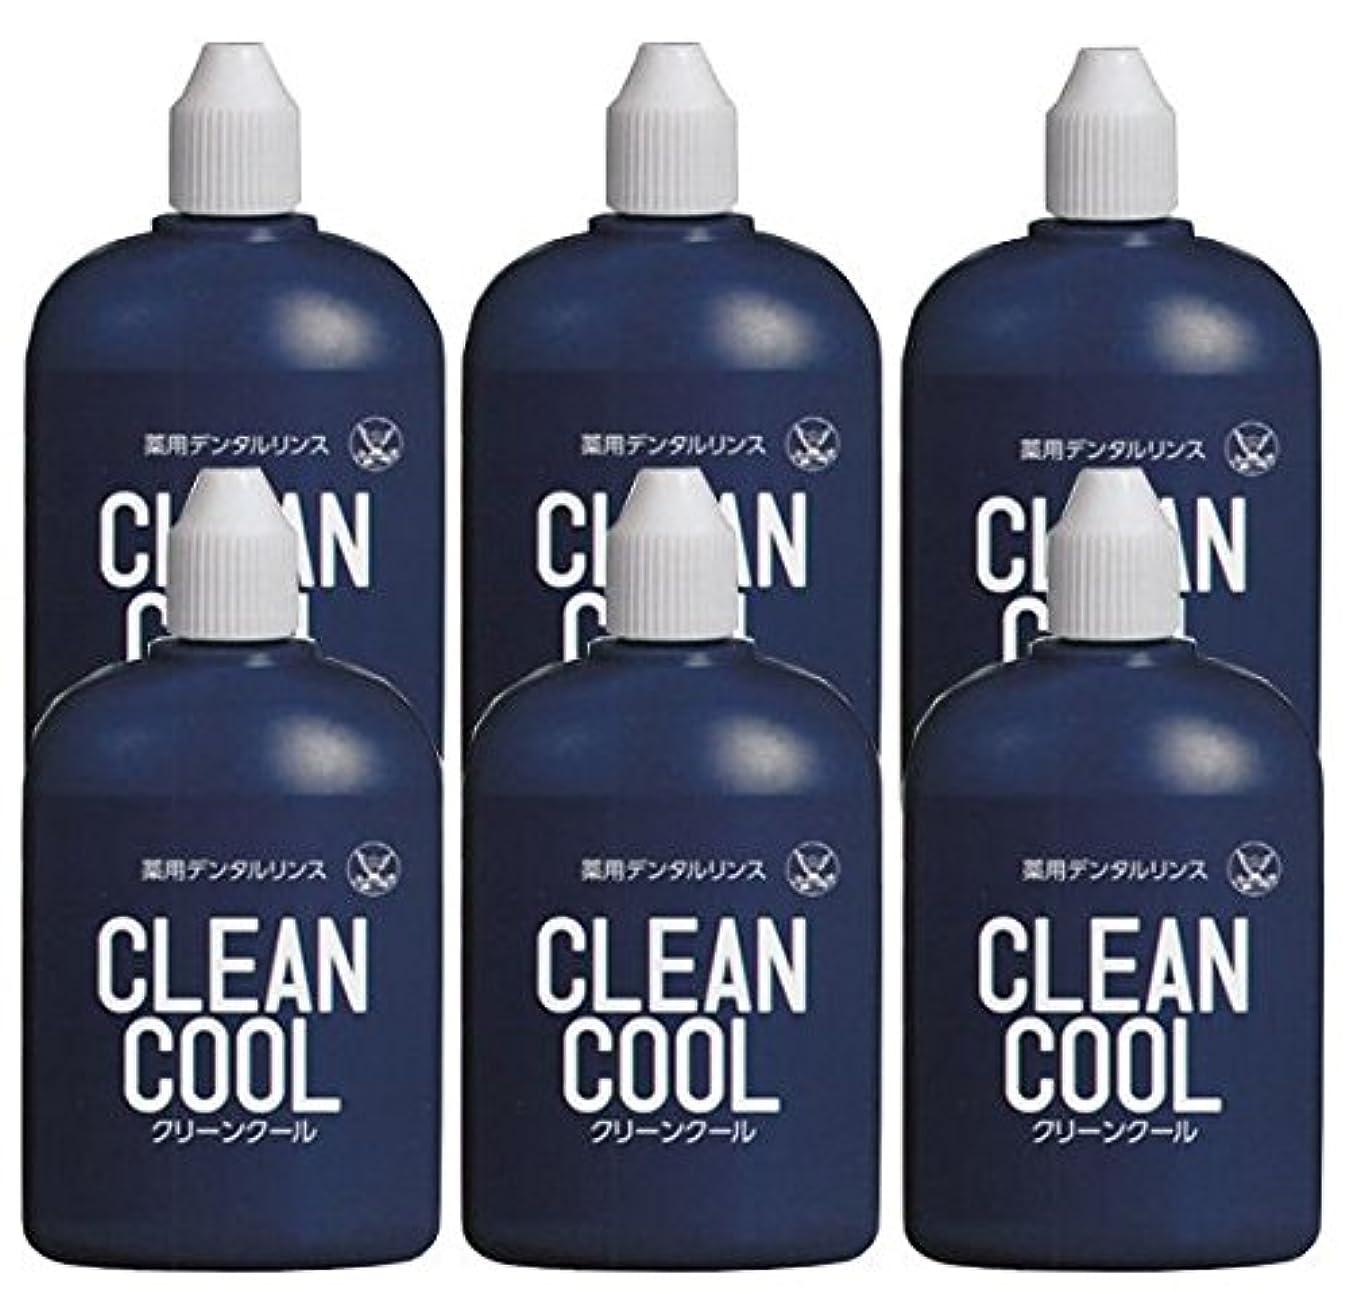 朝の体操をする神学校装置薬用デンタルリンス クリーンクール (CLEAN COOL) 洗口液 100ml × 6個